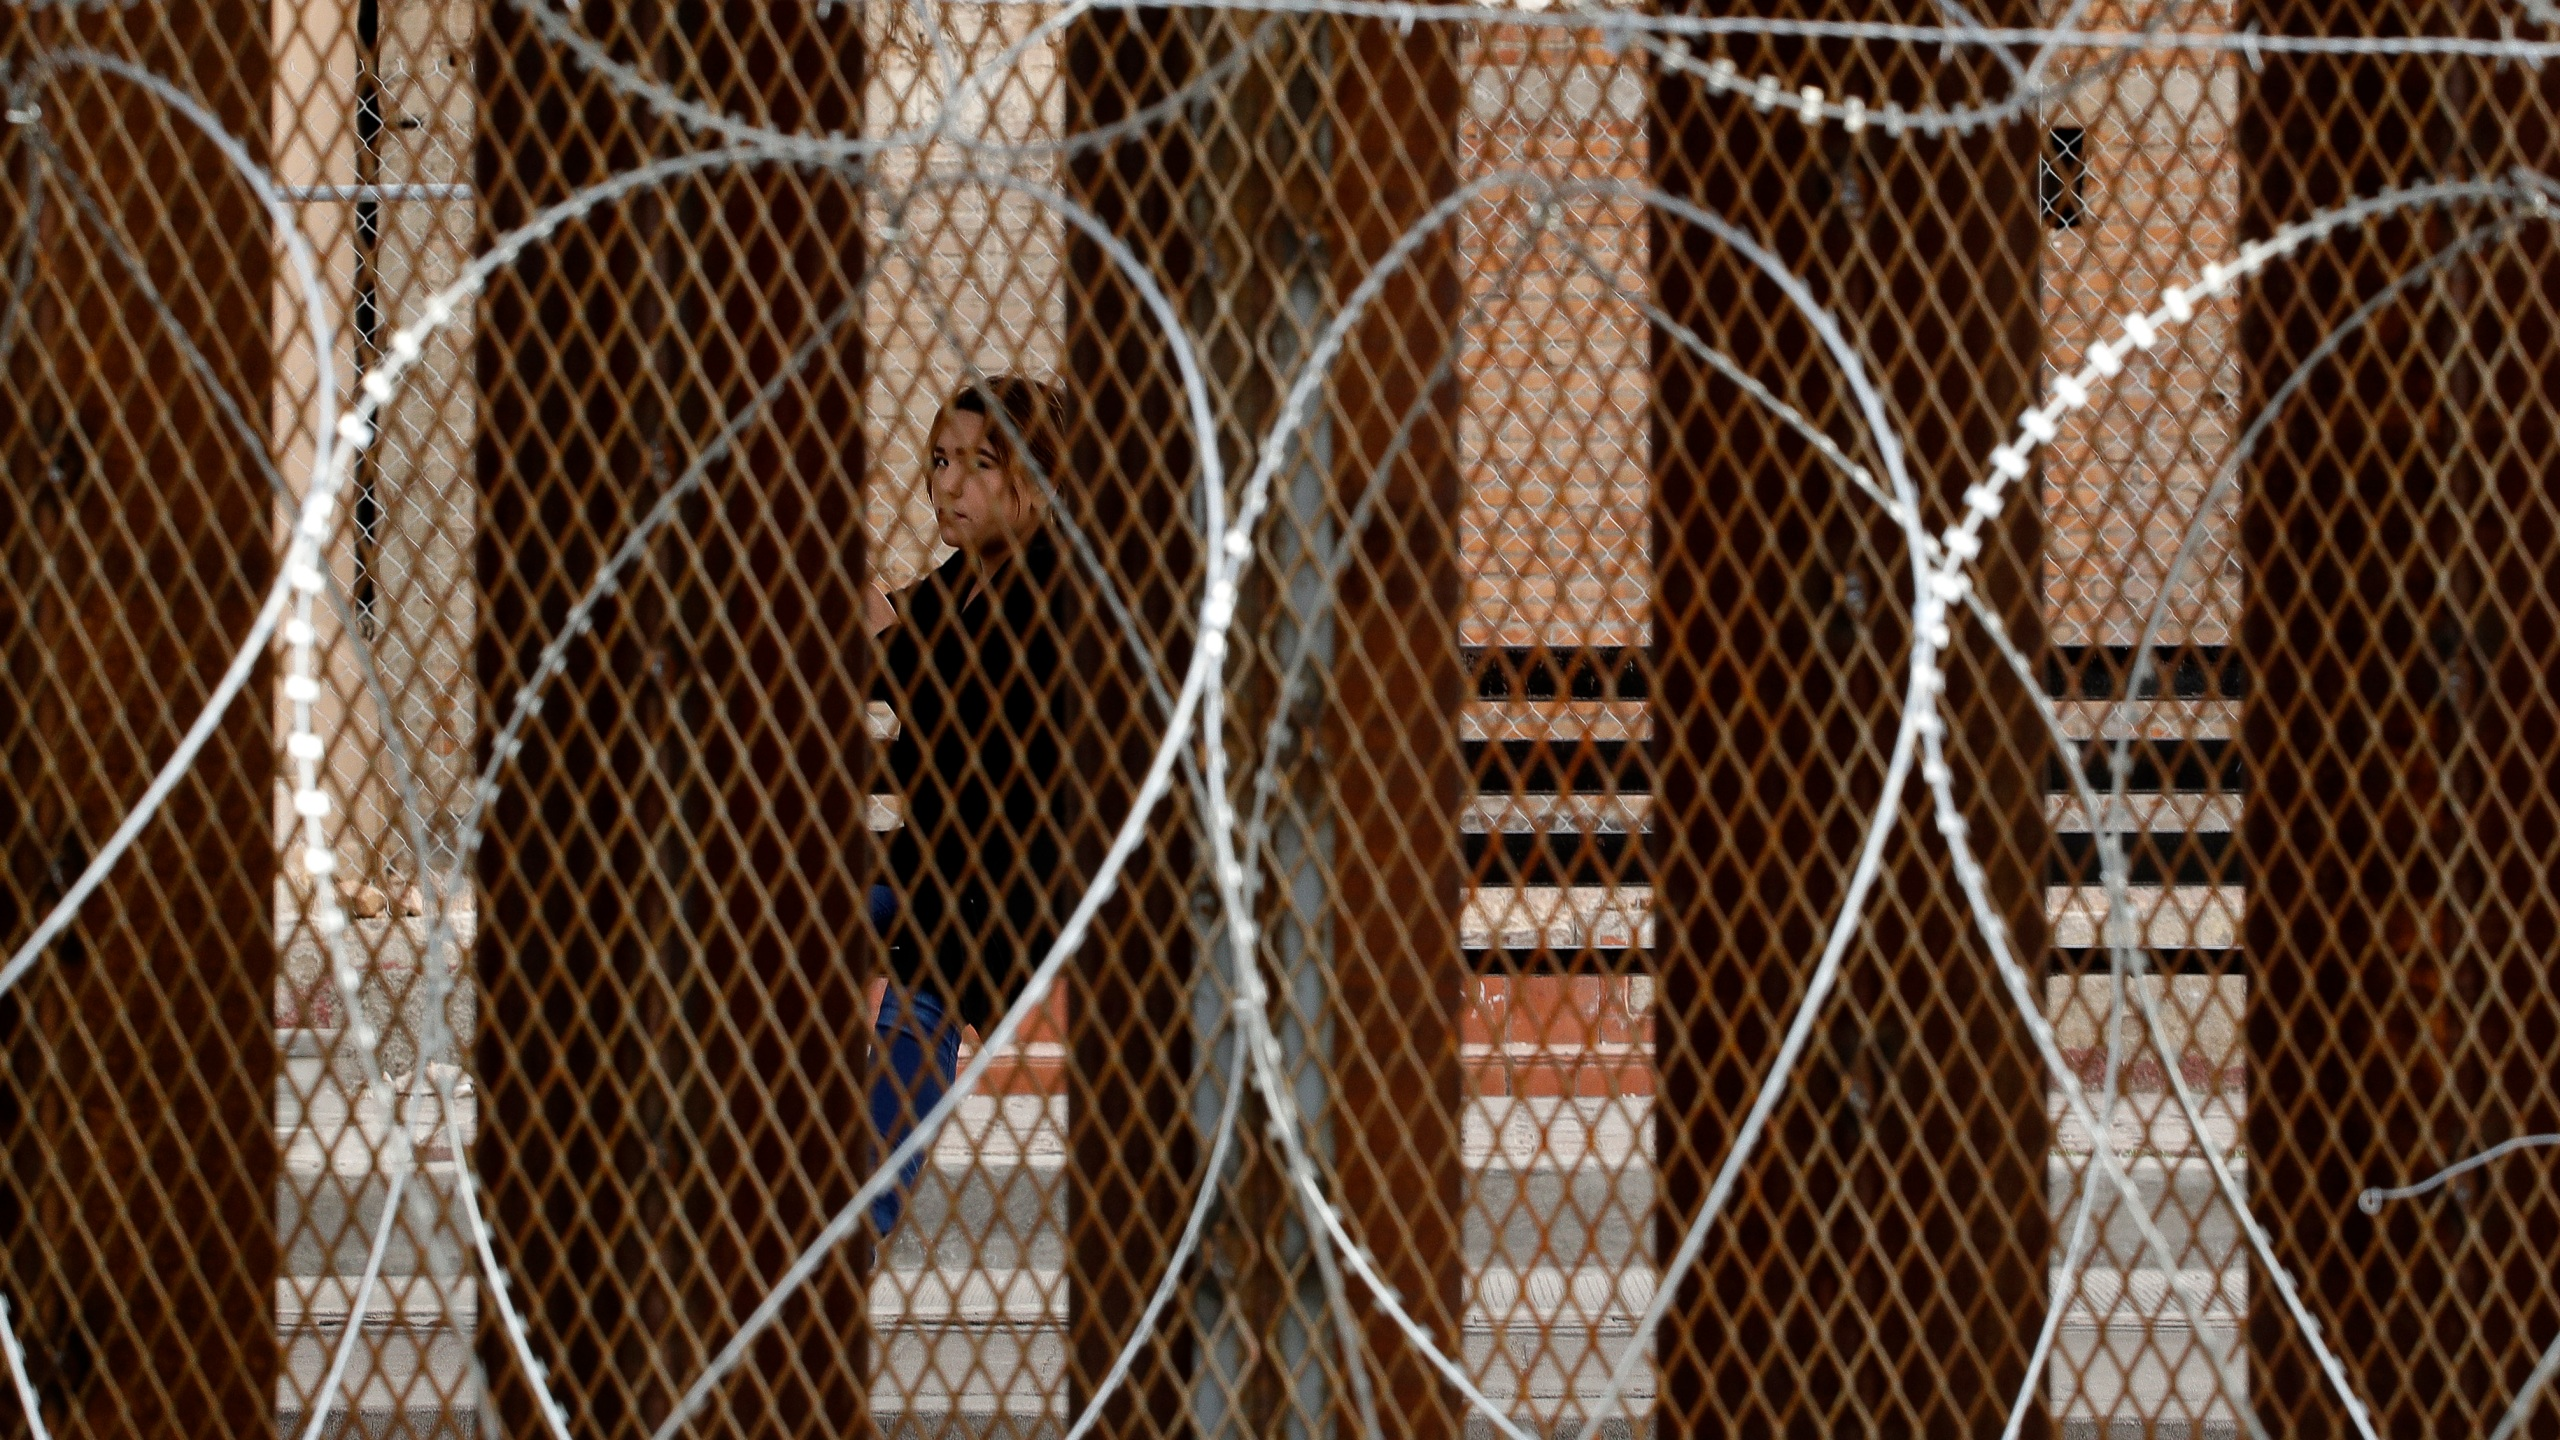 US_Mexico_Border_Arizona_Daily_Life_56518-159532.jpg27162998